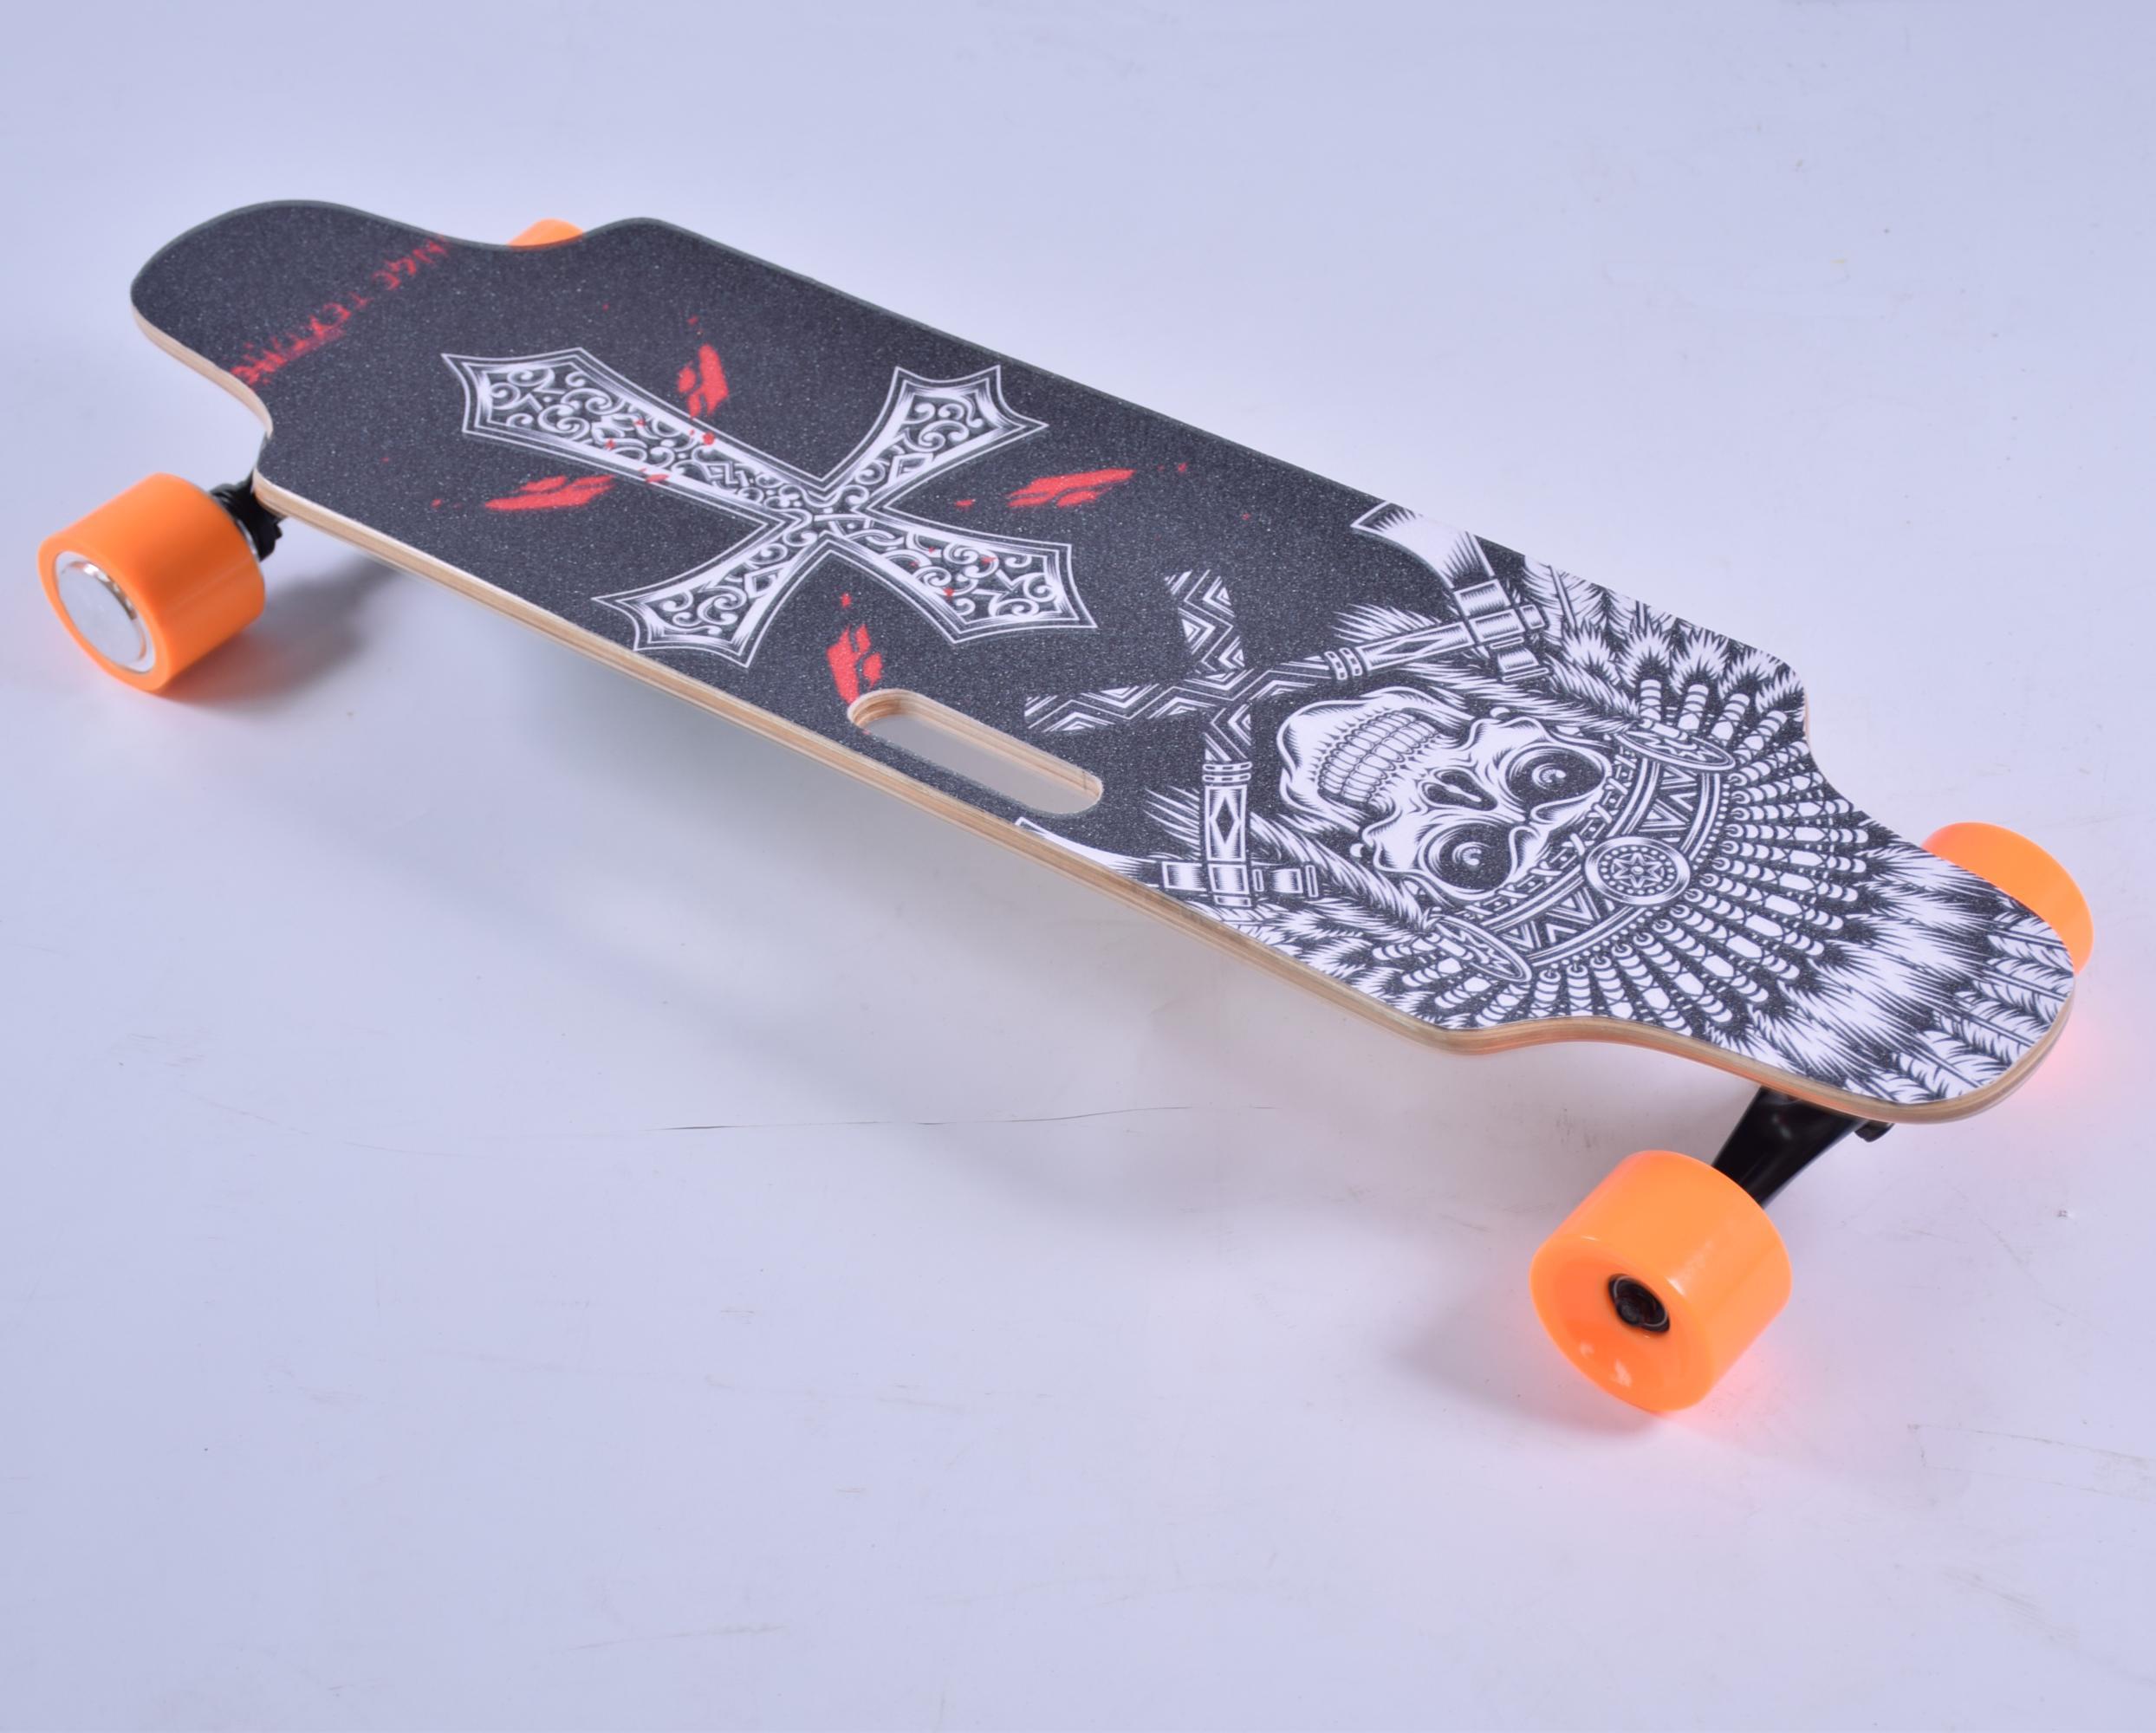 [UE INSTOCK] HT-S1 Smart Skateboard 4 ruote Longboard elettrico Bicicletta 300W 2 doppio motore 24V 4.4Ah con telecomando digitale 2.4G di alta qualità 2pcs